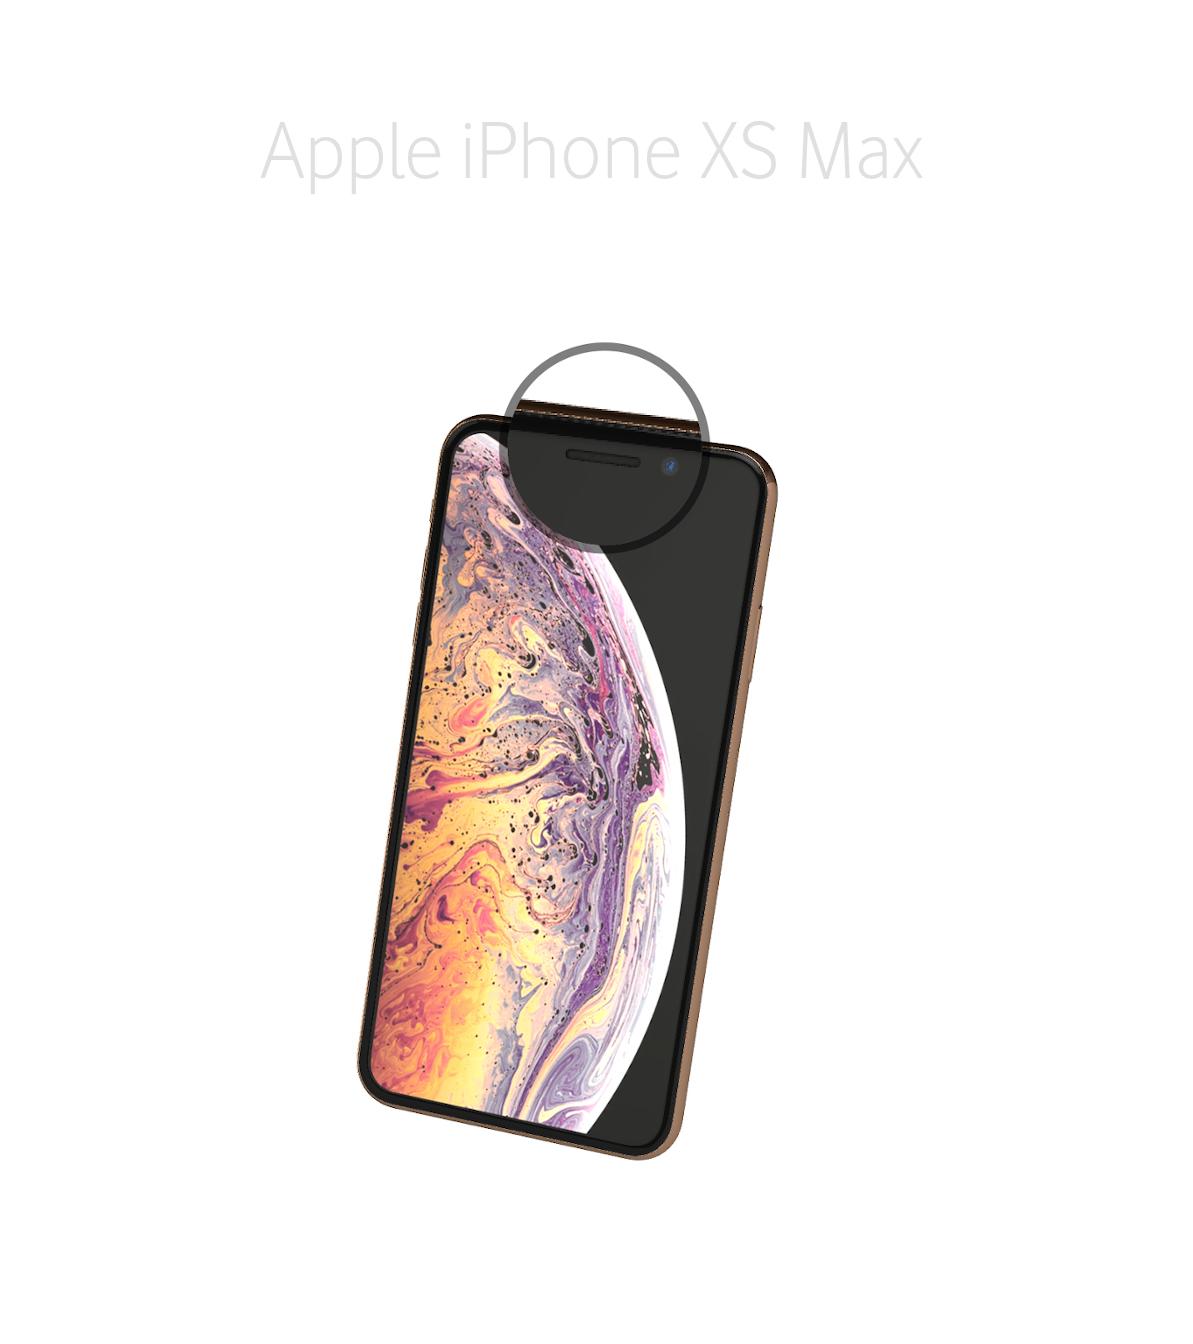 Laga kamera (selfie) iPhone Xs Max